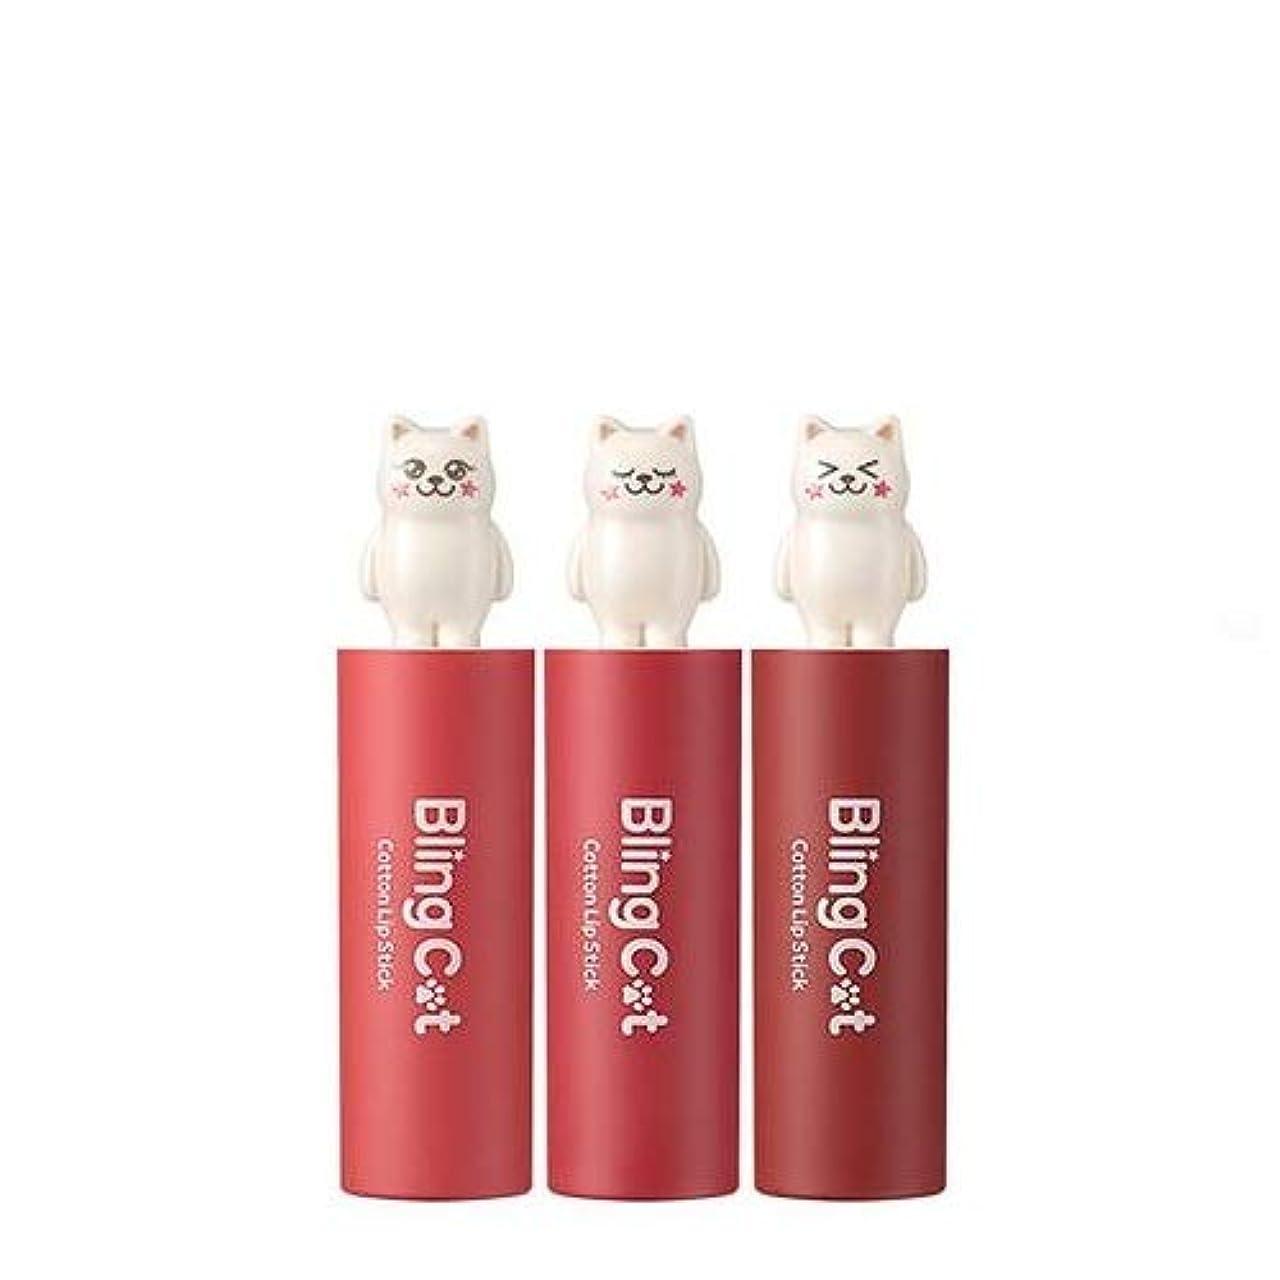 活気づける不健康元のトニーモリー ブリングキャット コットン リップスティック 3.4g / TONYMOLY Bling Cat Cotton Lipstick # 08. Femme Love [並行輸入品]